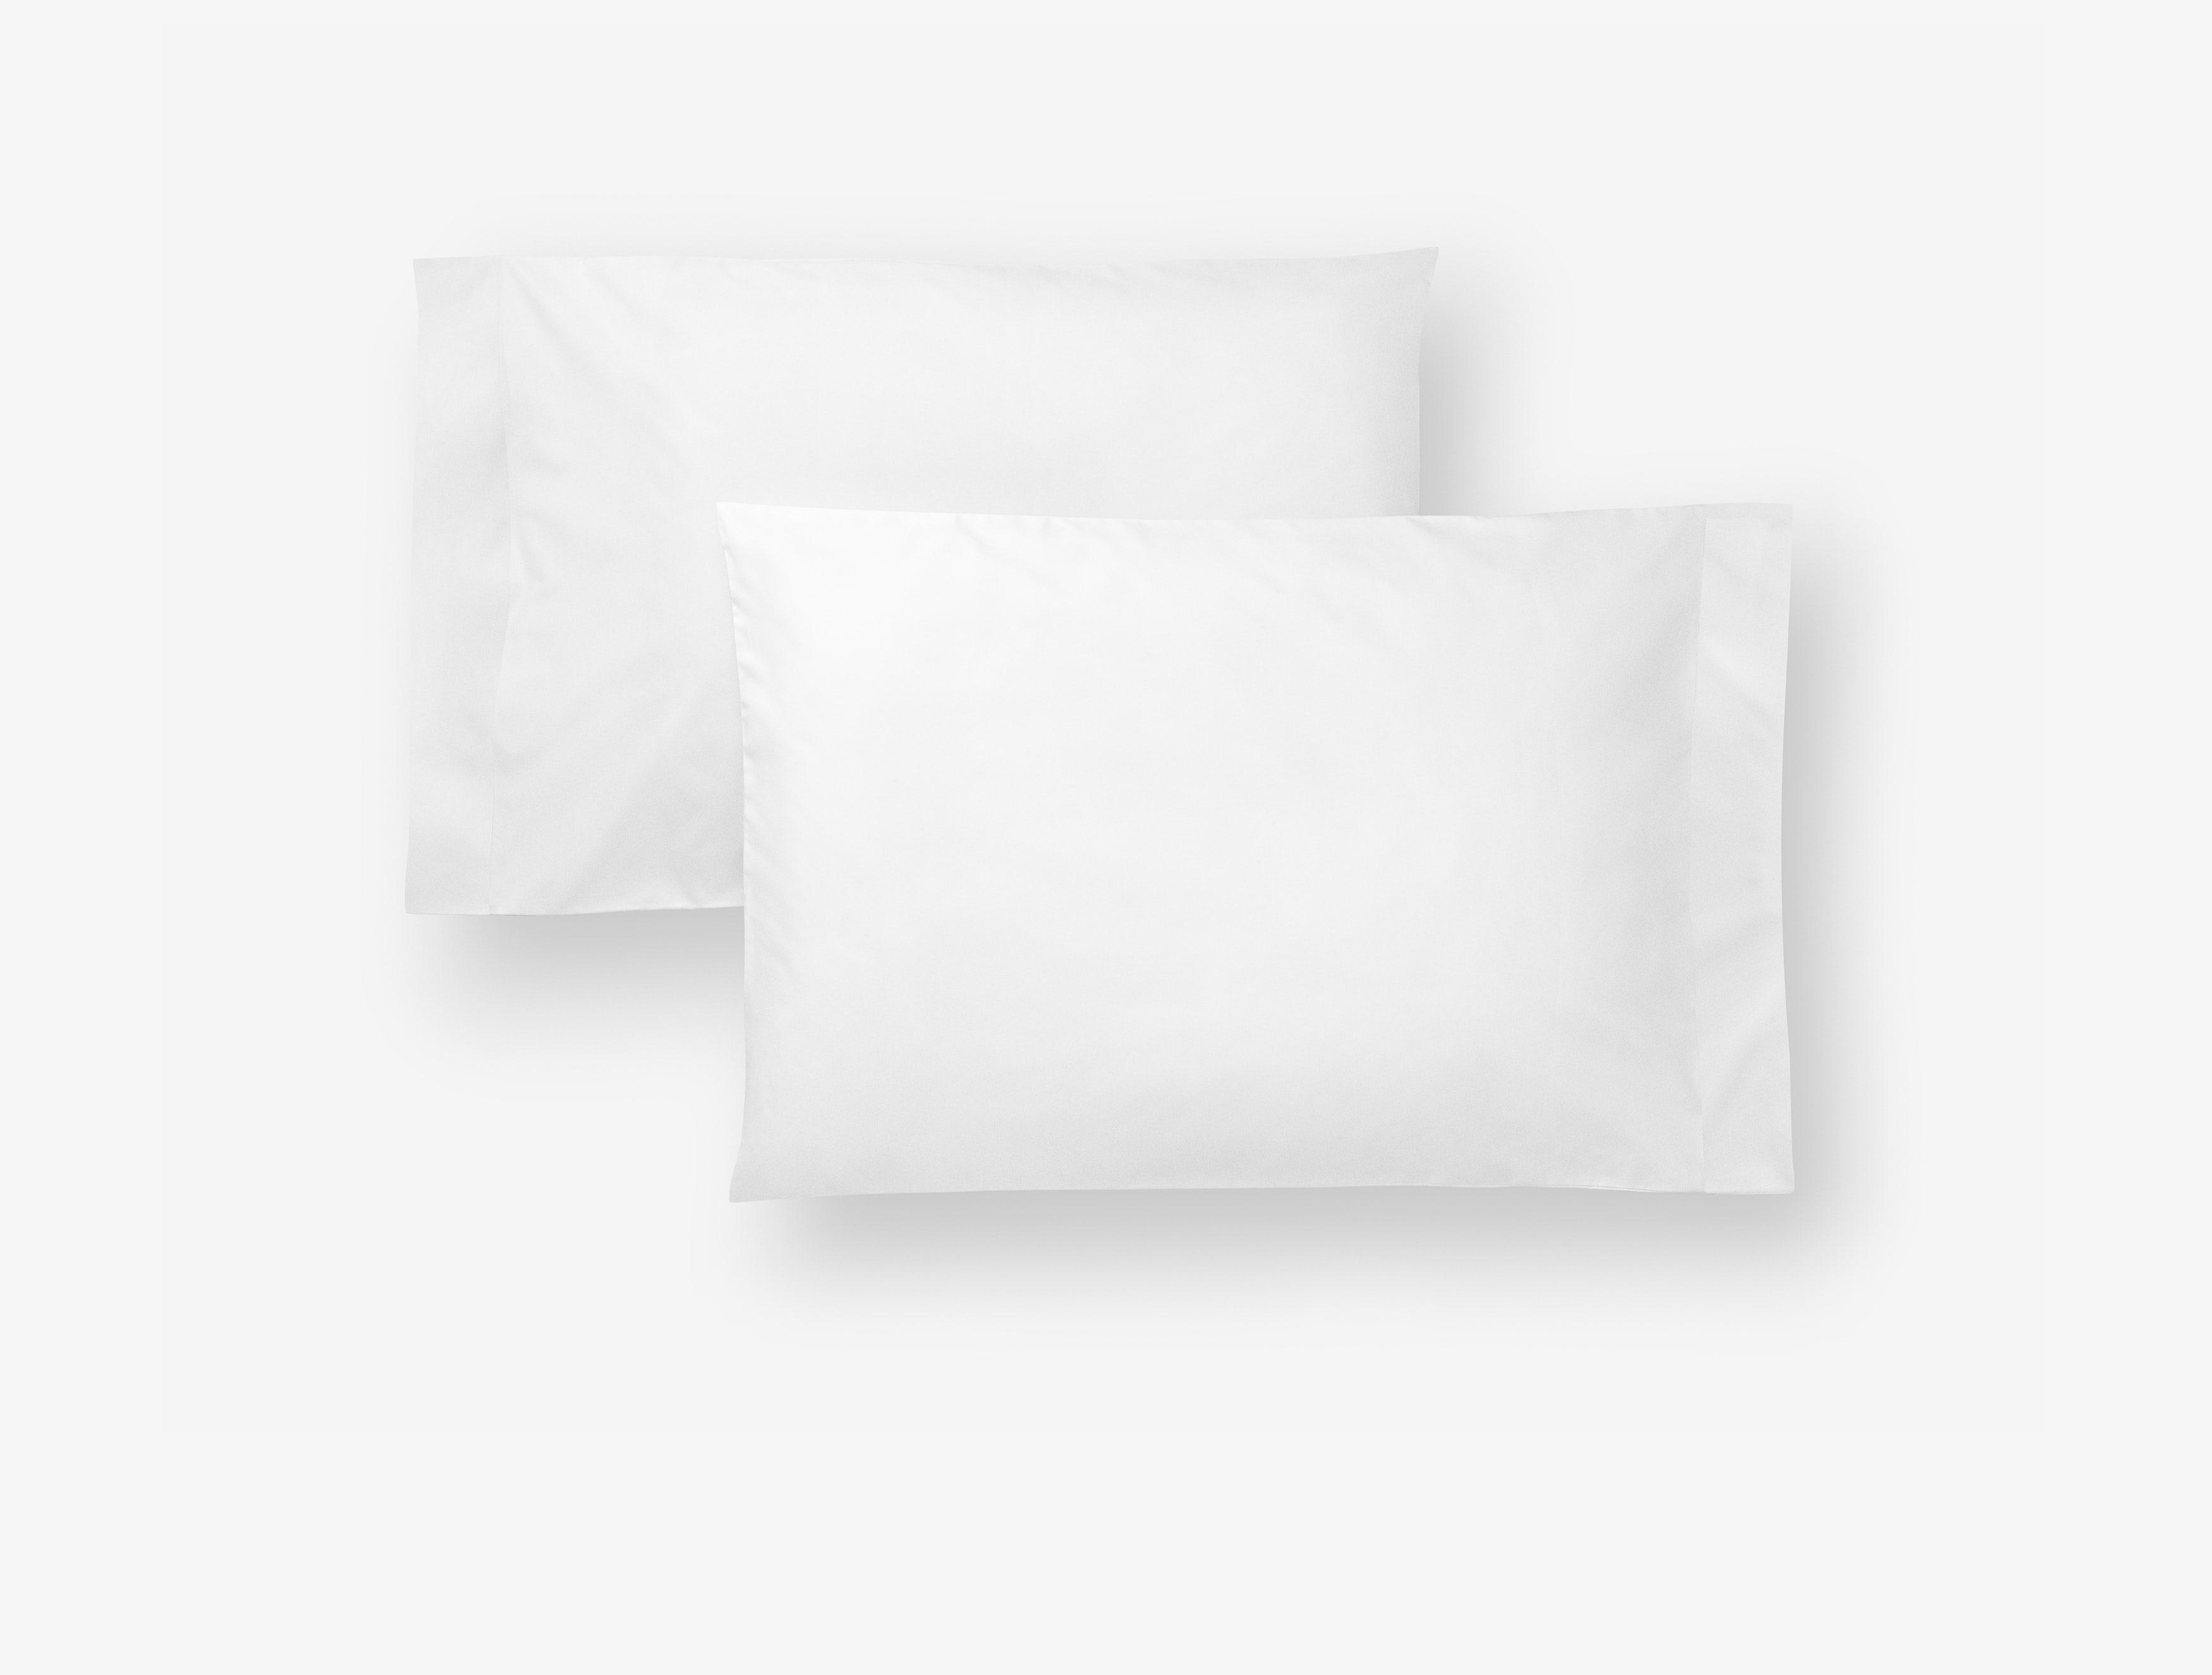 ... Casper White-White Sheets (Pillowcase) ...